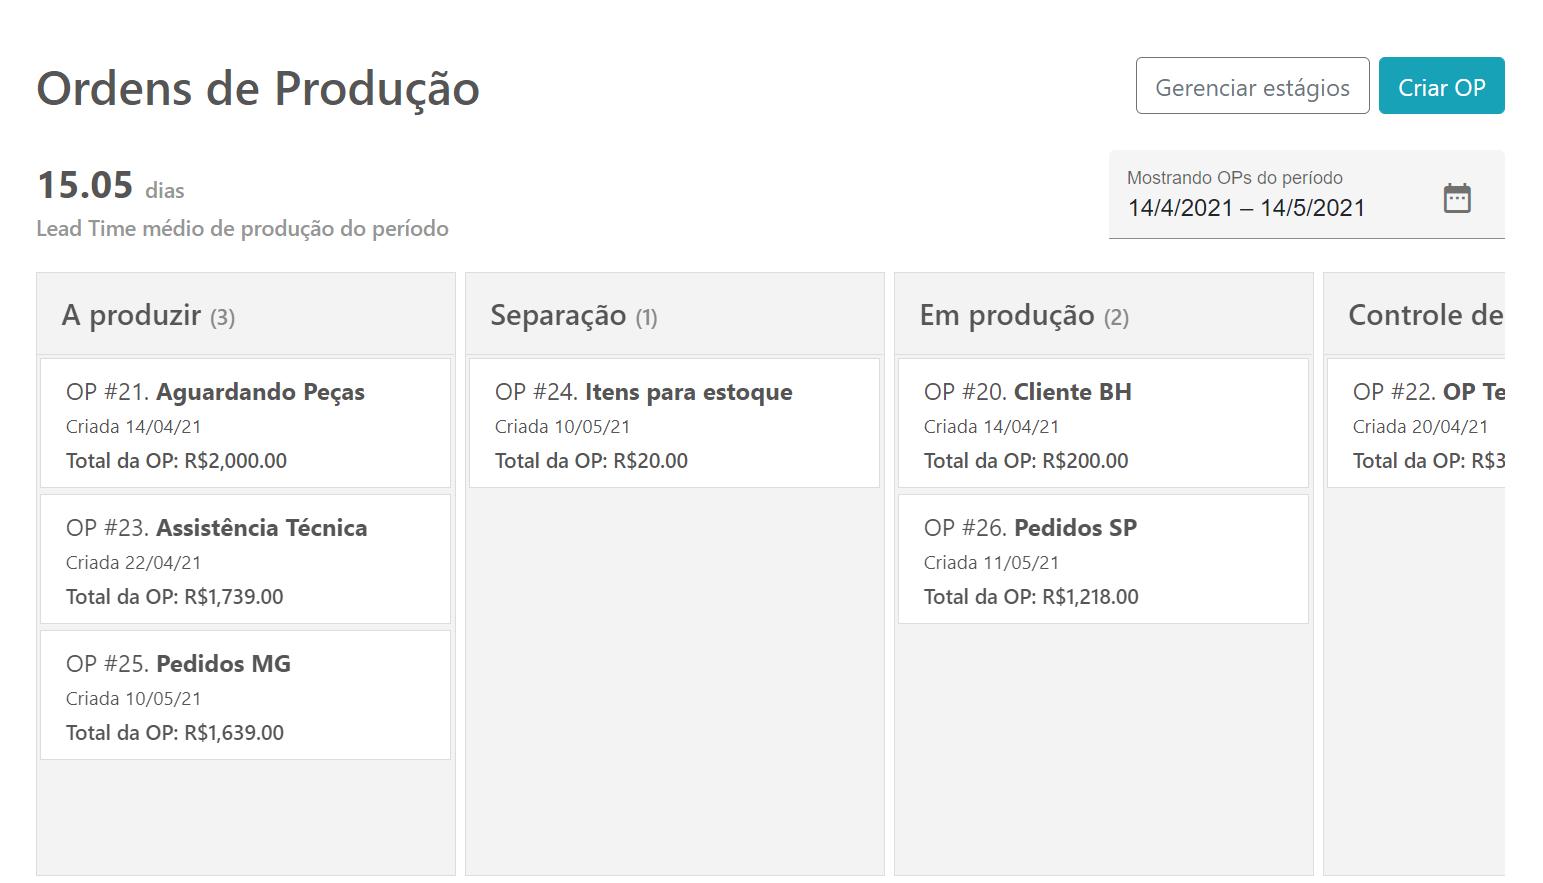 Tela do Sensio ERP de Ordens de Produção ao estilo kanban.